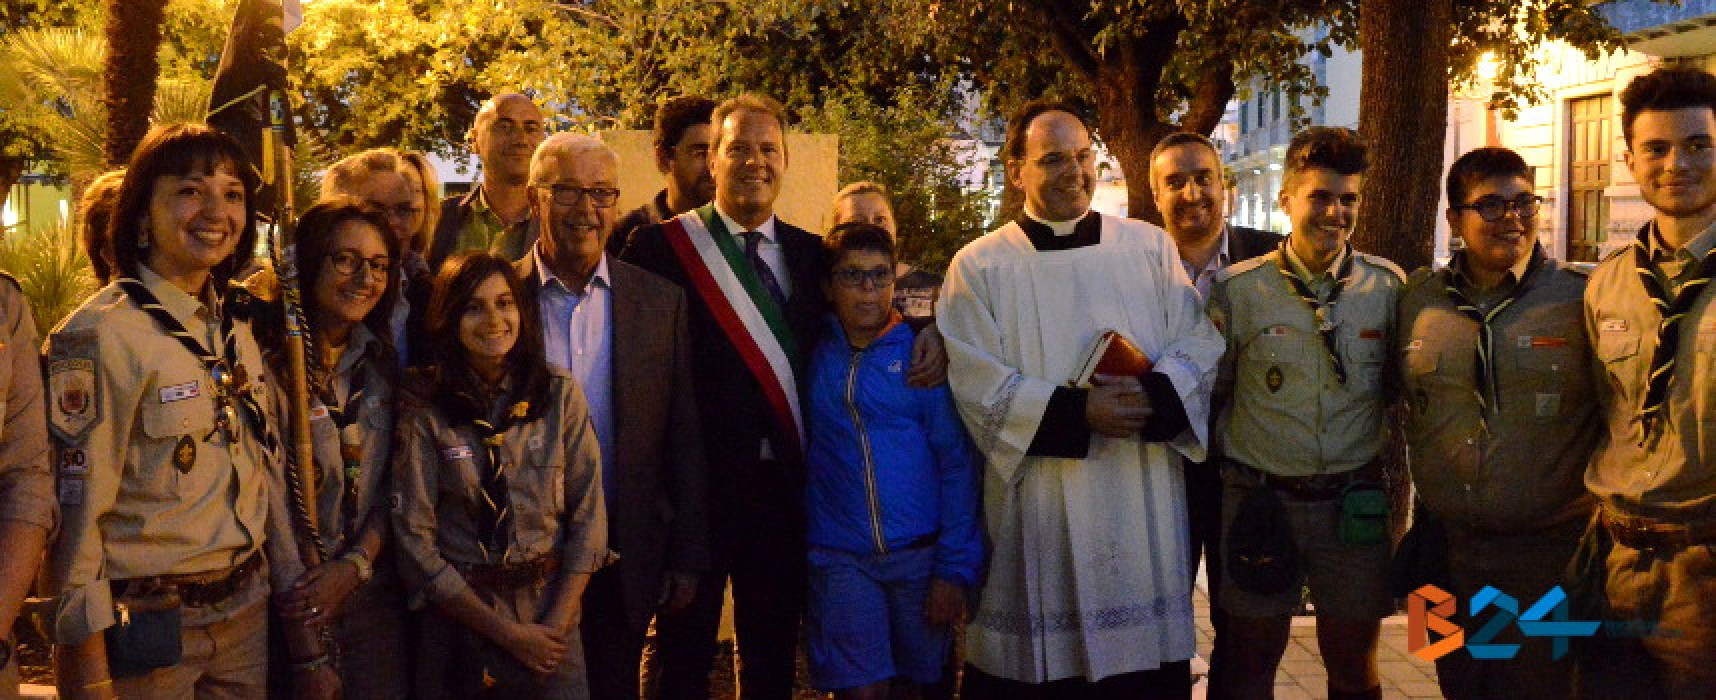 Inaugurata la nuova Piazza San Francesco – FOTO